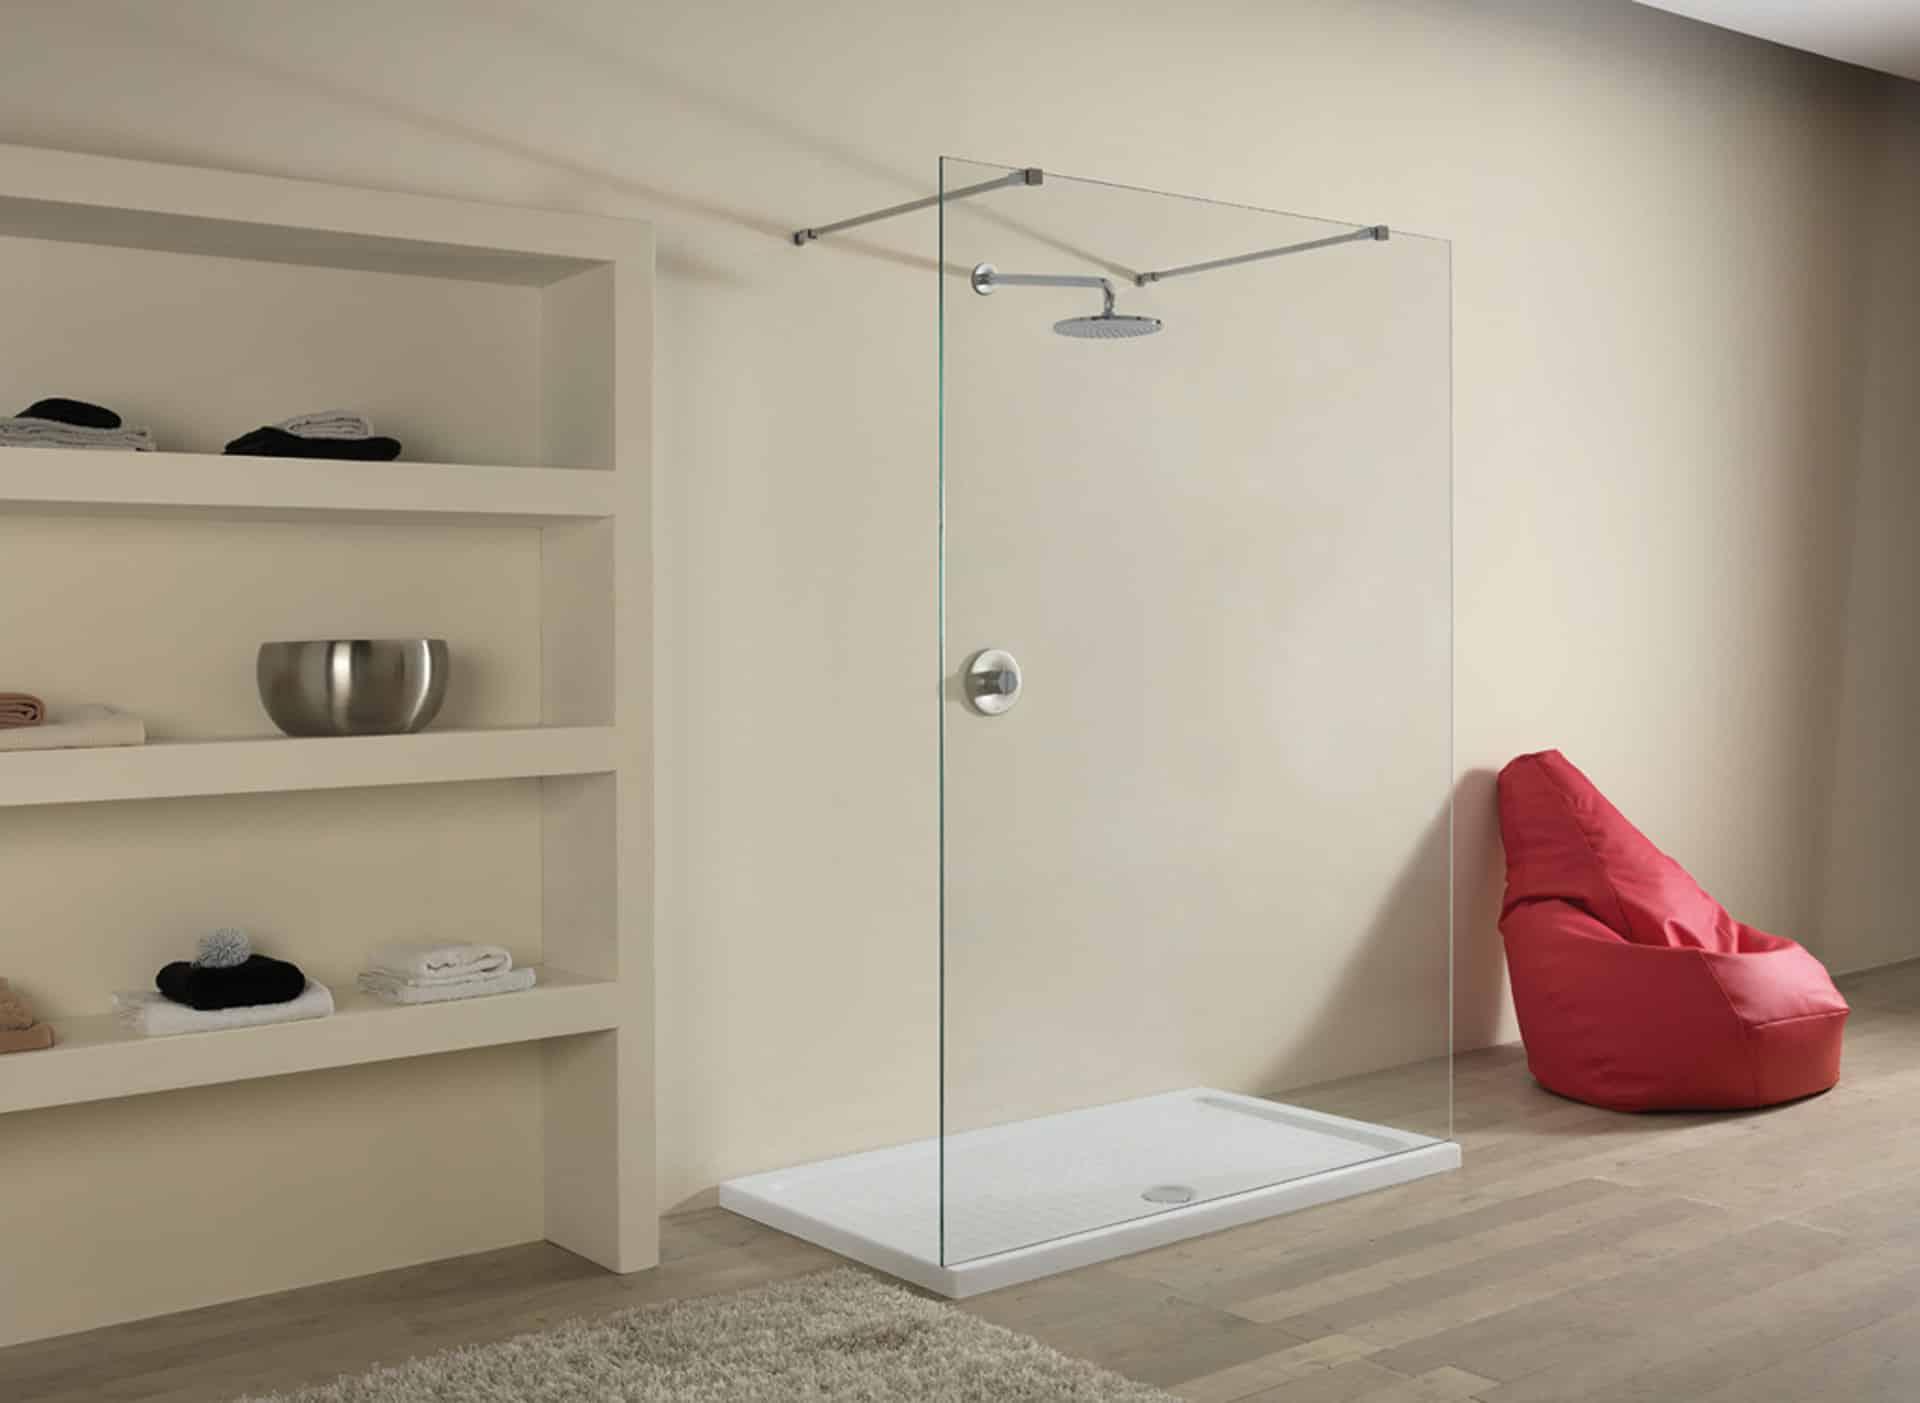 Box doccia design e funzionalit per il bagno orsolini for Accessori doccia design